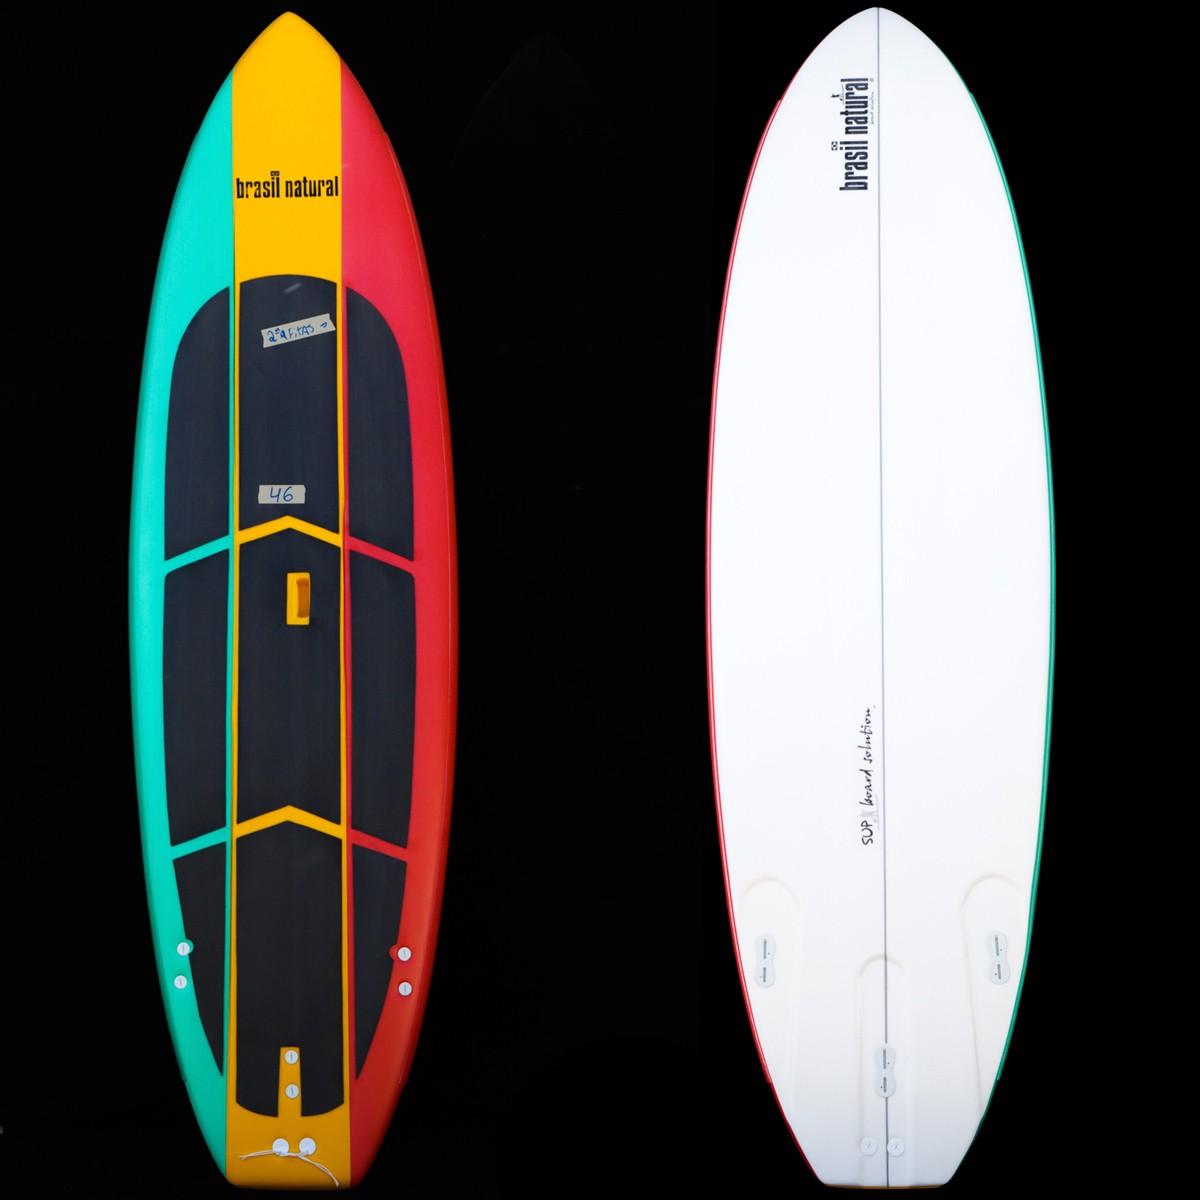 Prancha de stand up paddle 10 pés soft + kit remada - Outlet 46